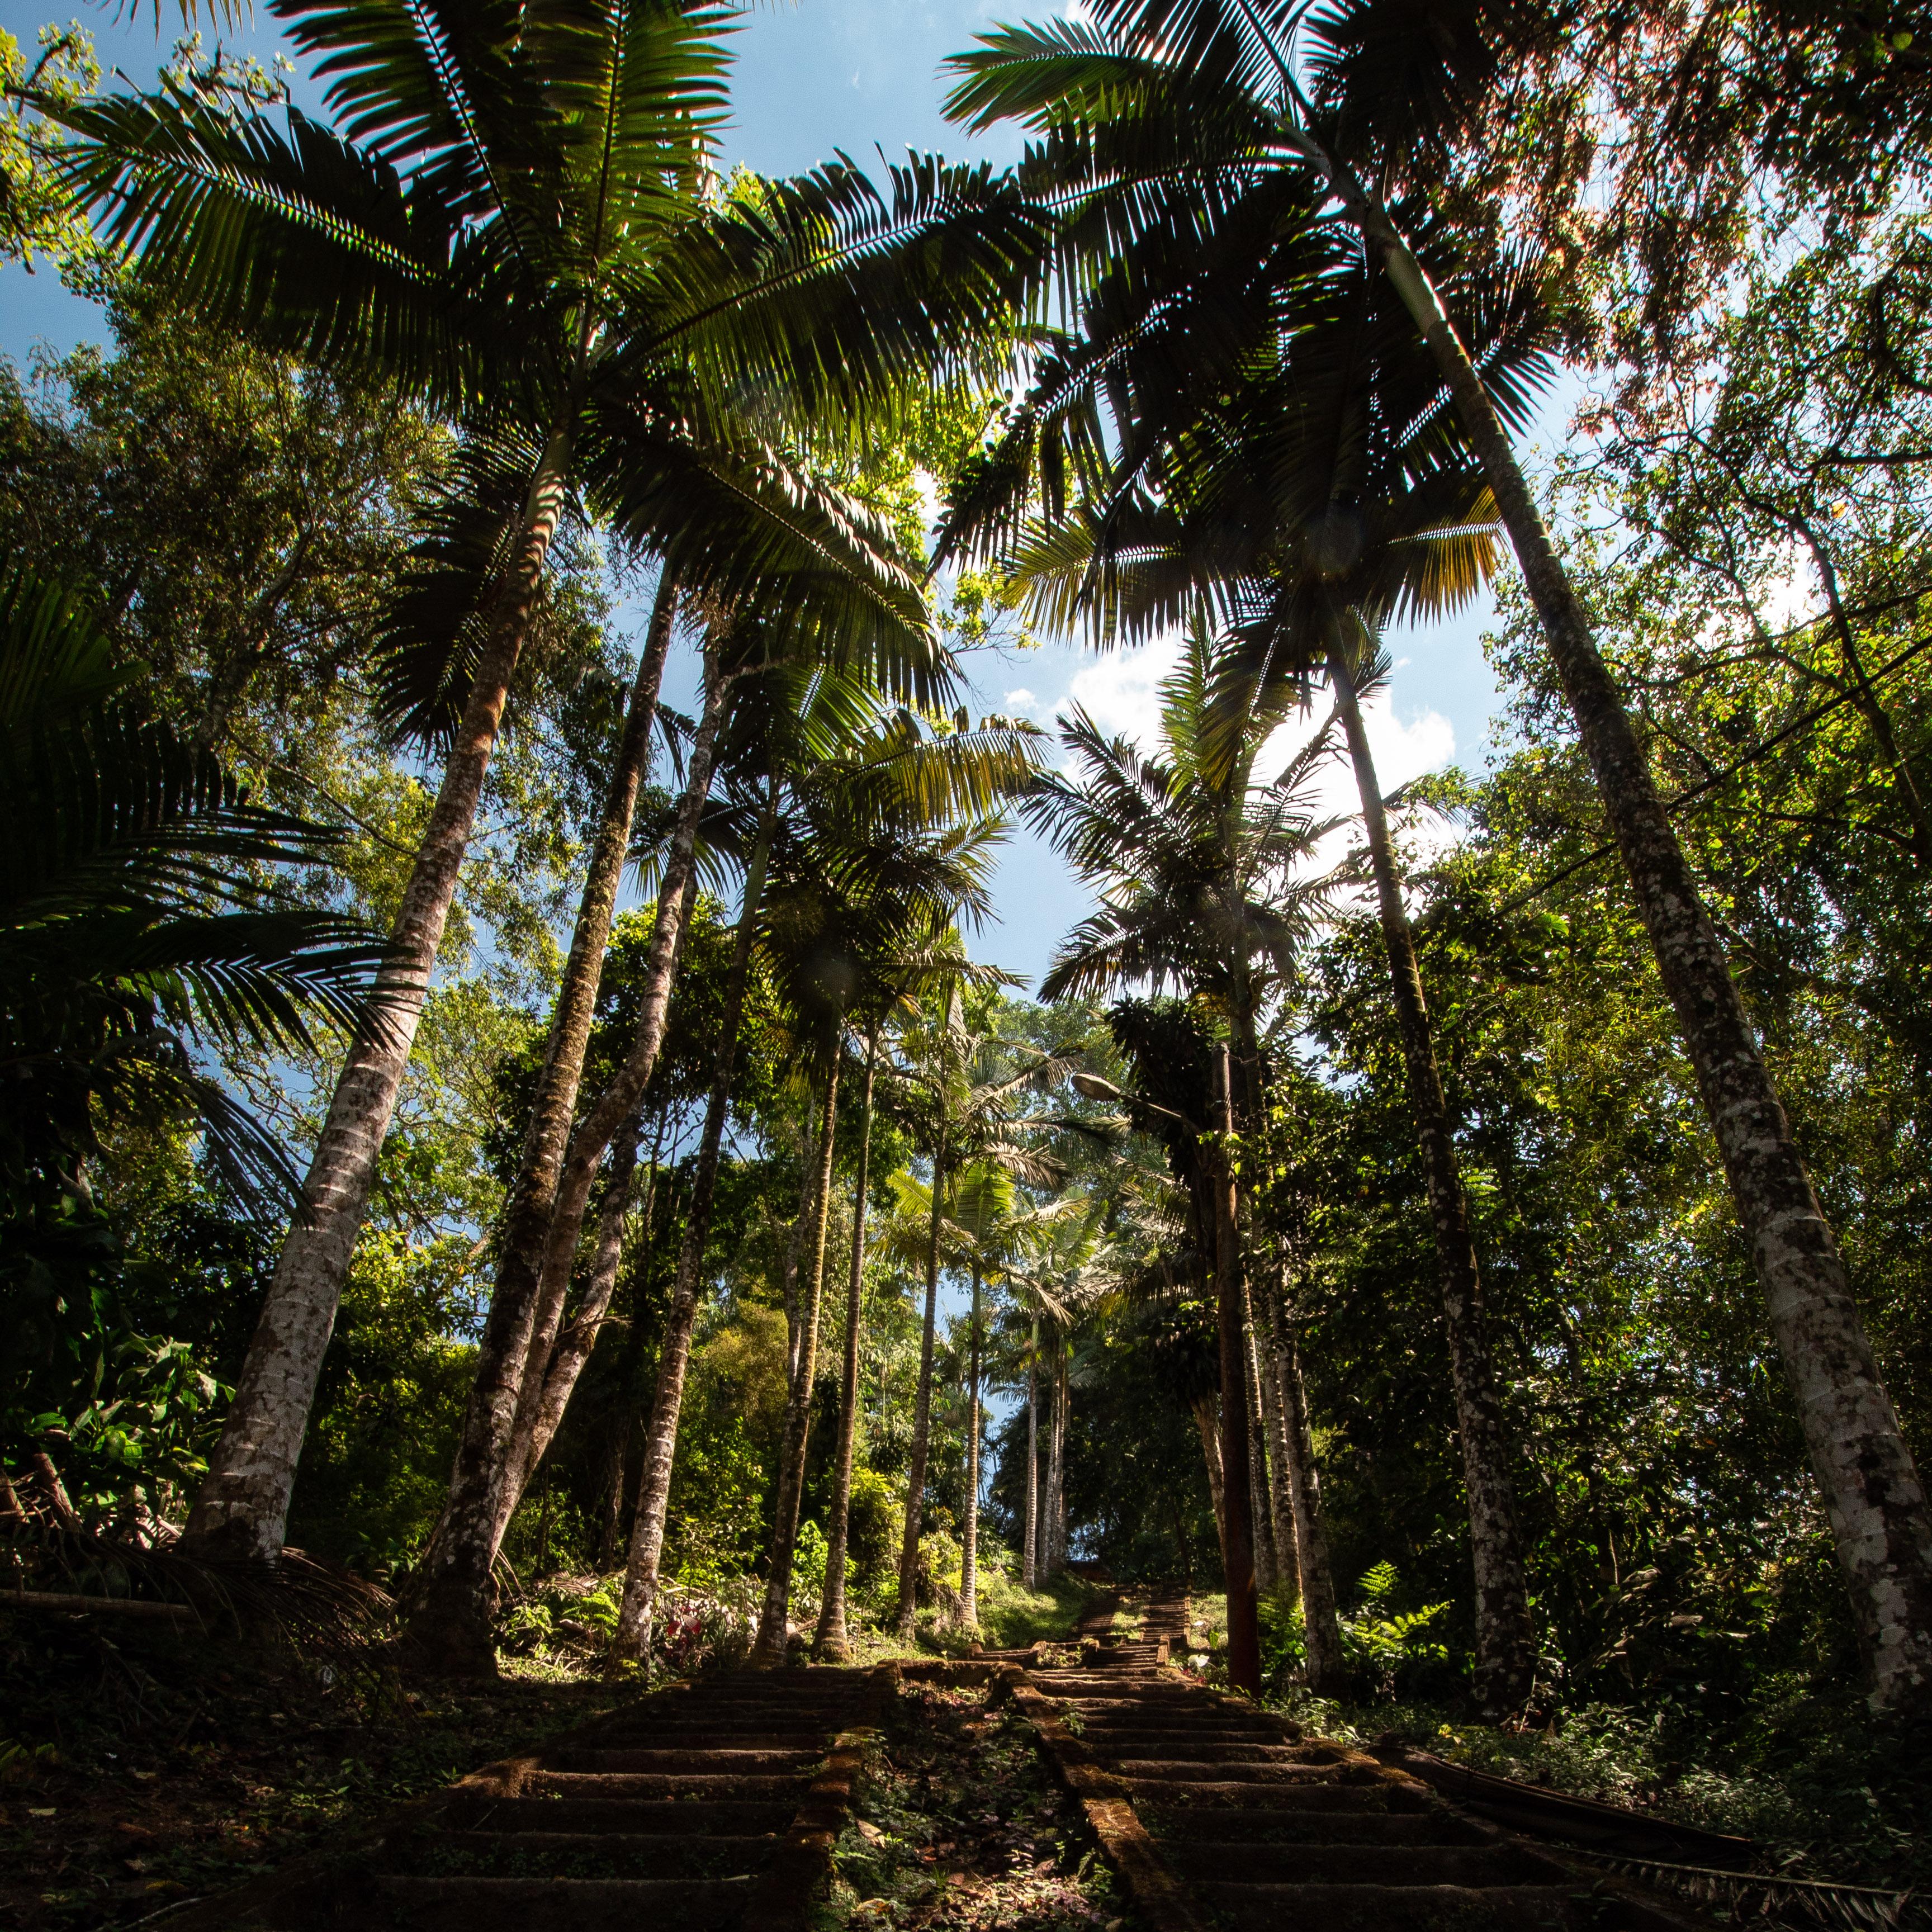 Auslandssemester auf Bali – Mehr Urlaub als Studium?